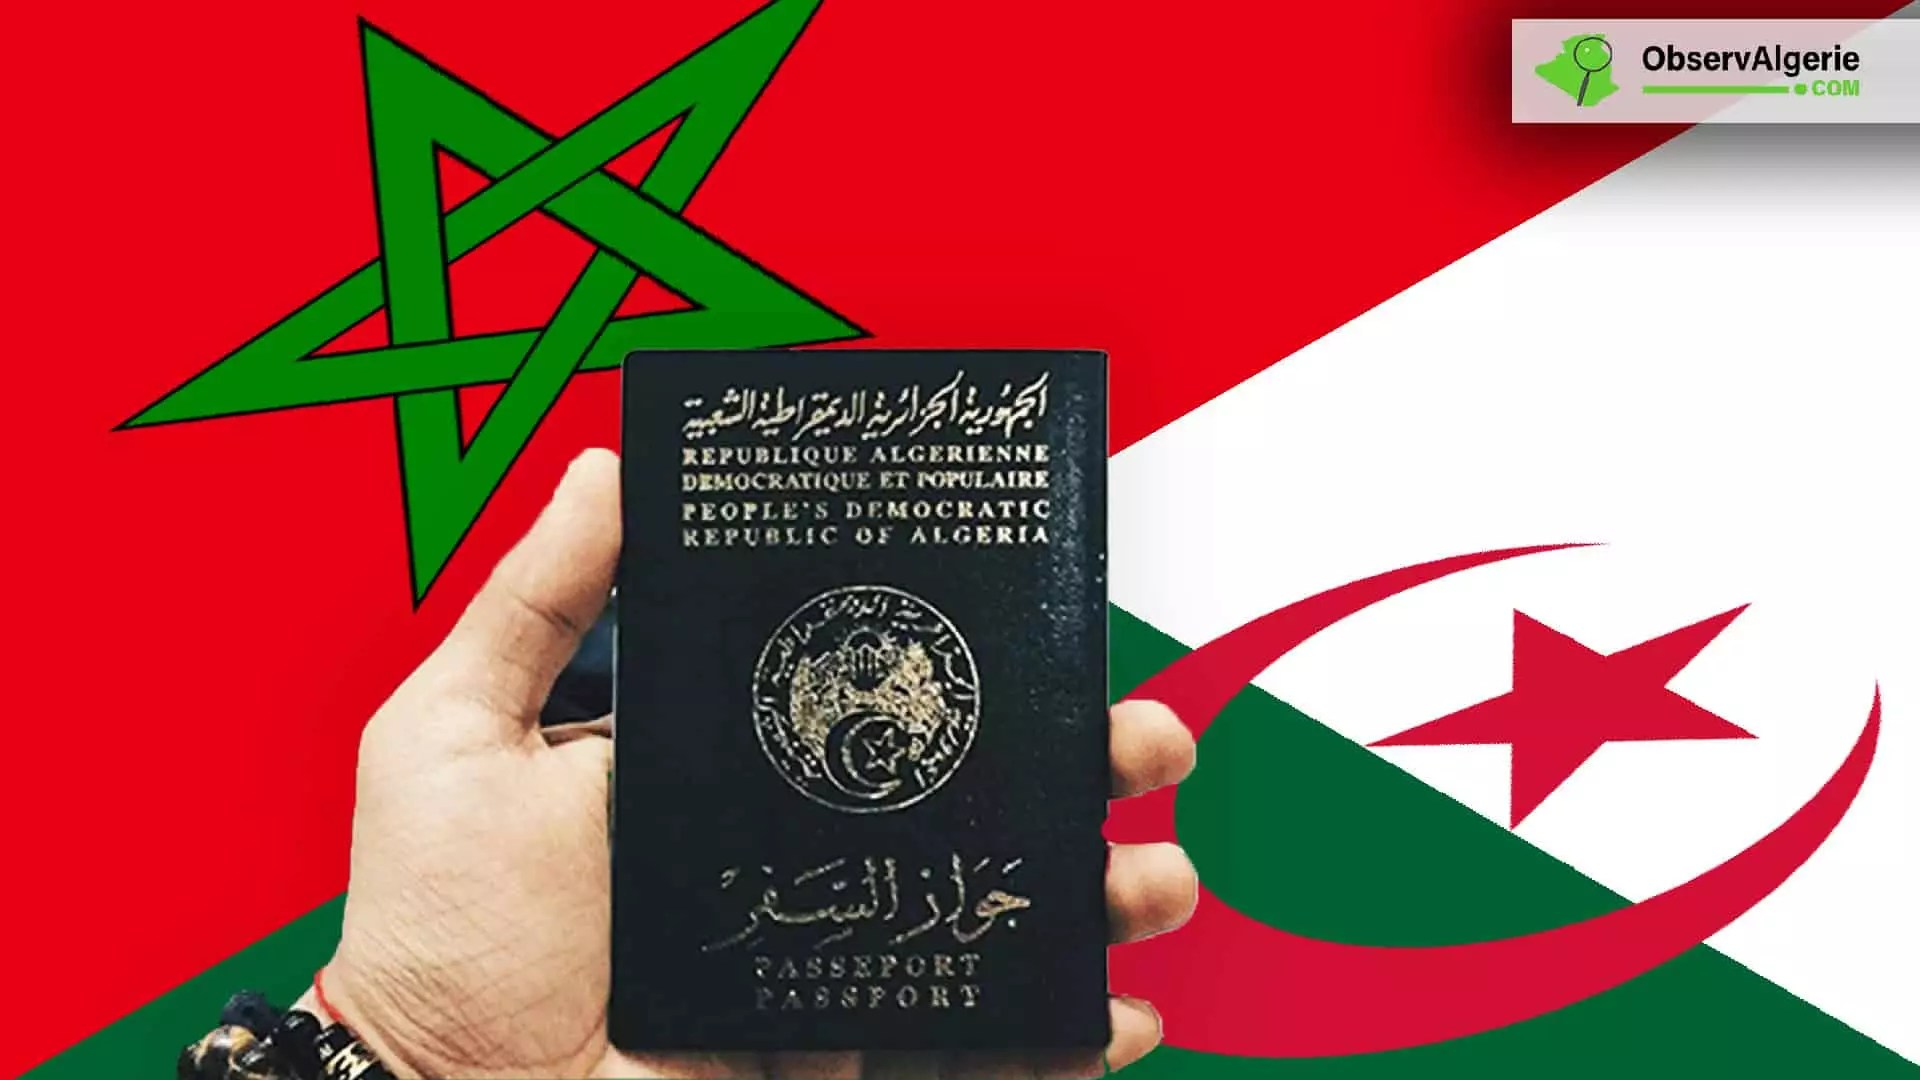 L'Algérie refuse la nationalité à un Marocain installé en Kabylie